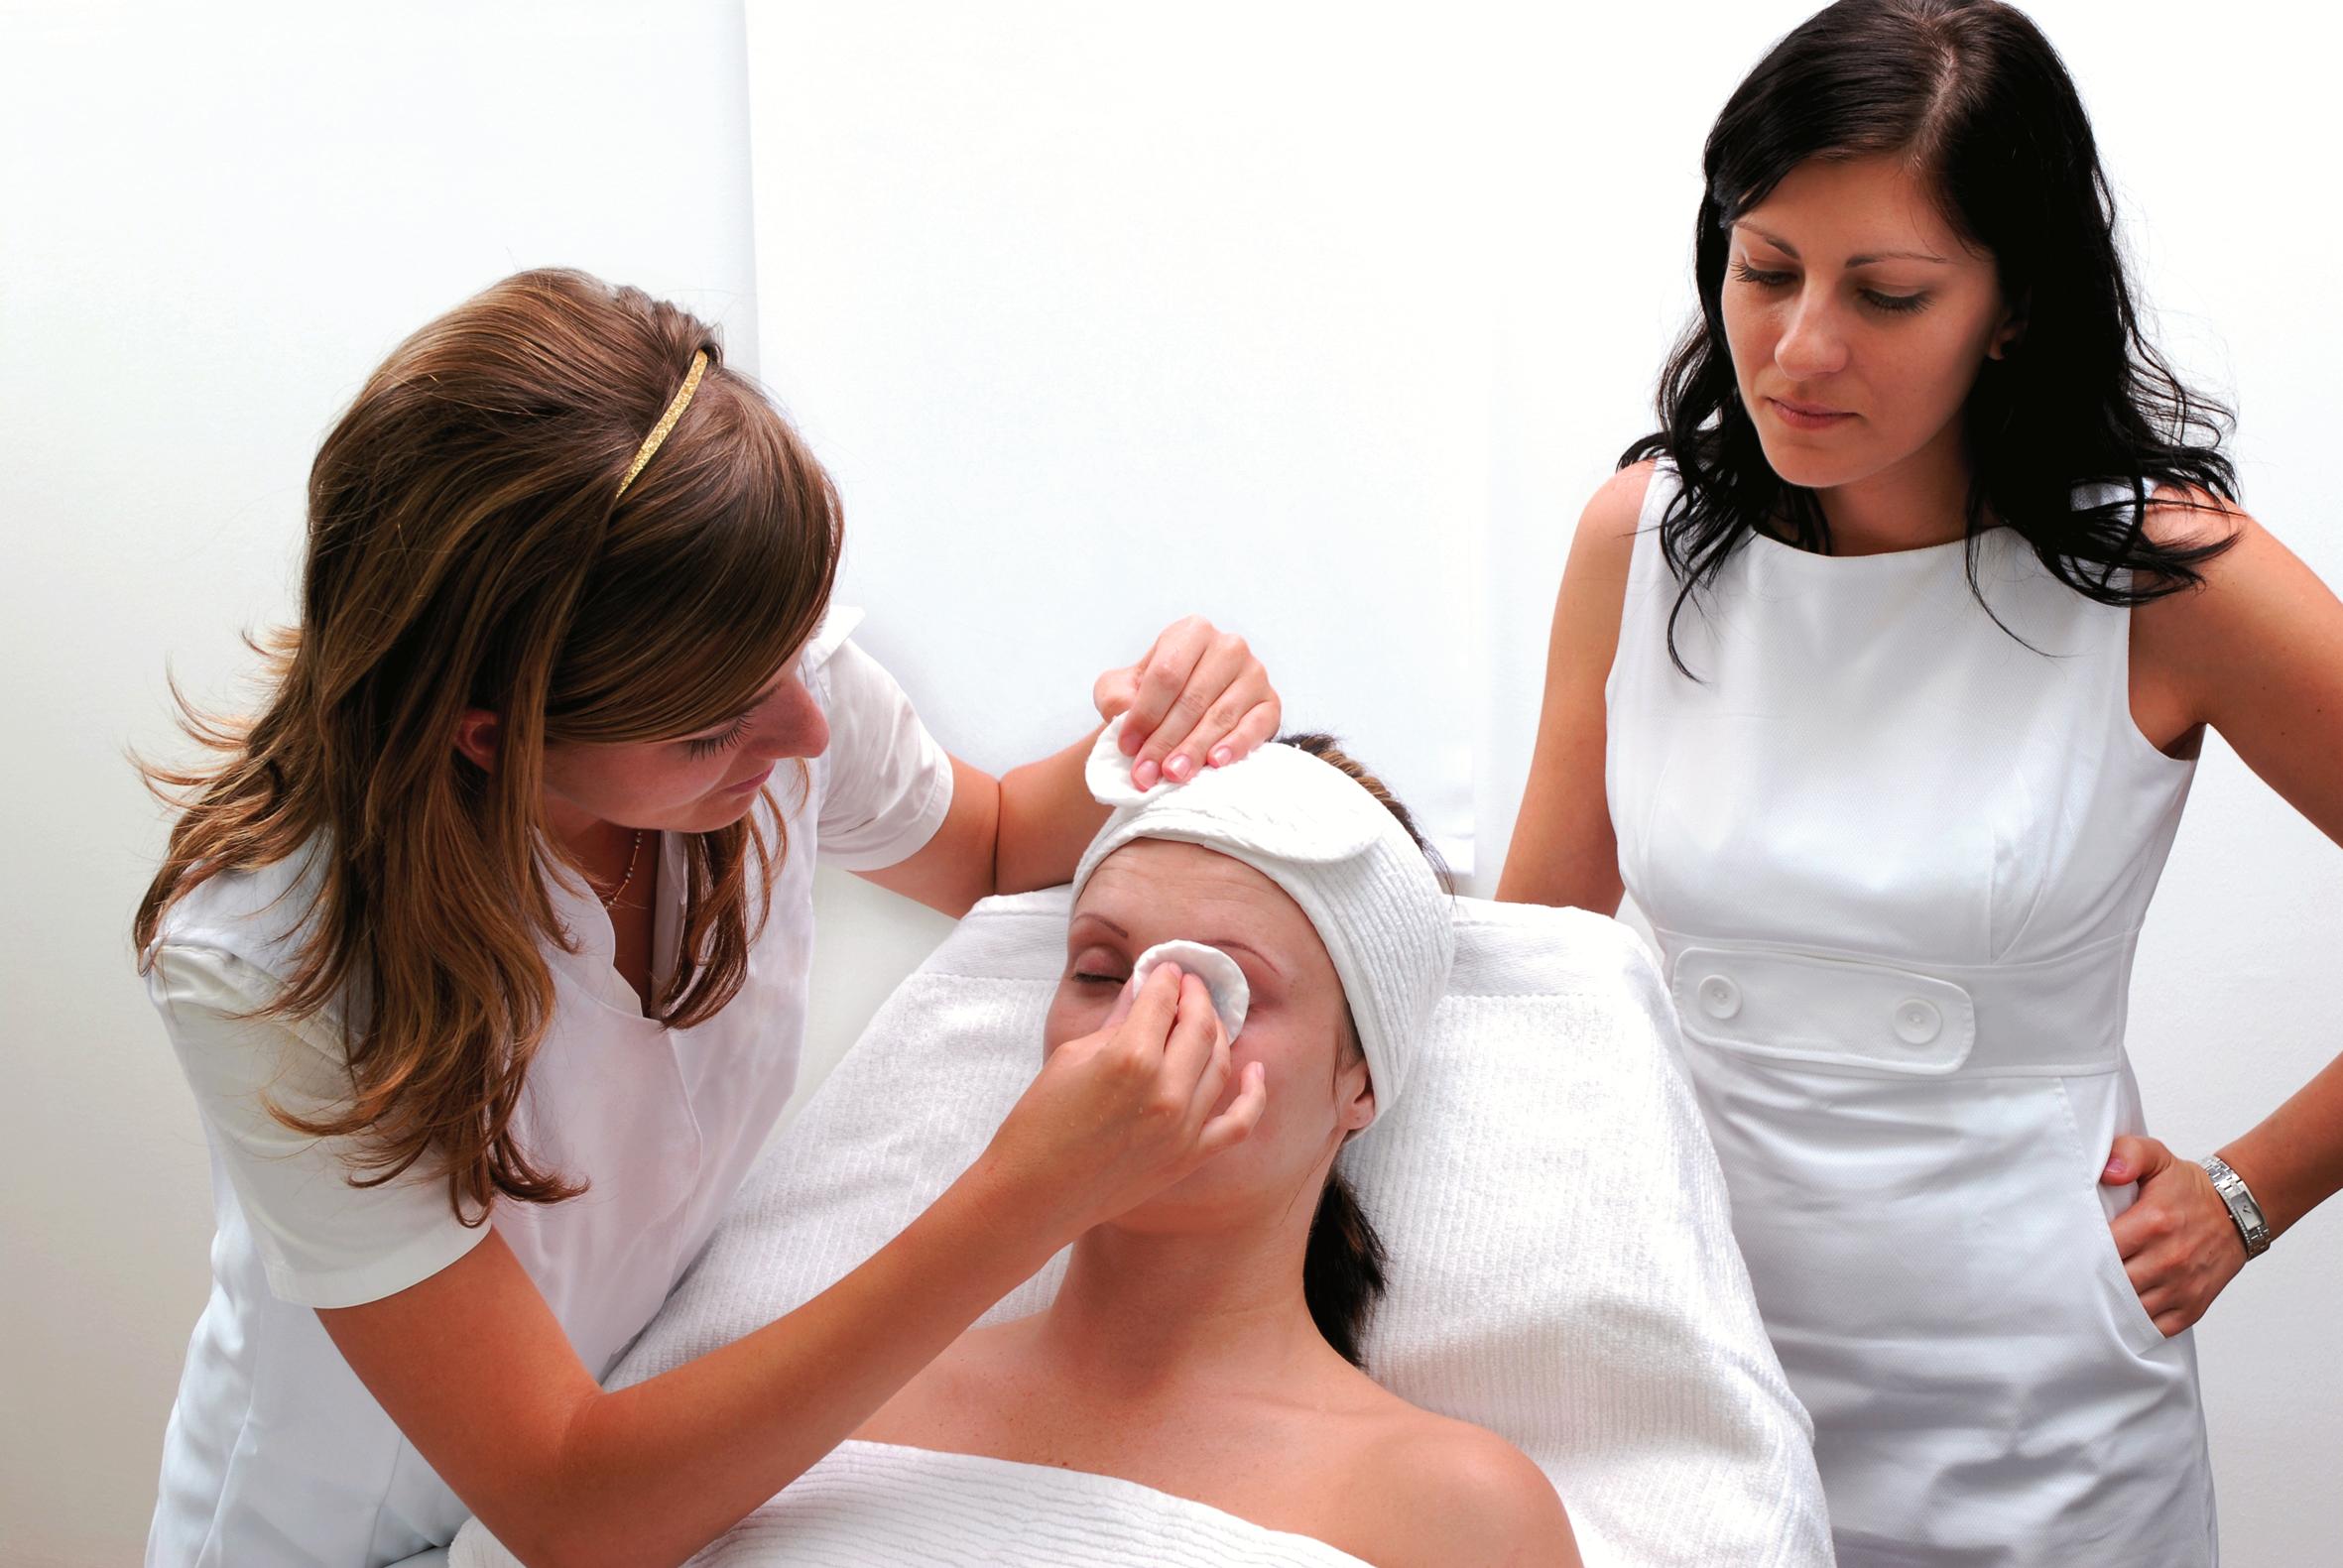 Pulzia-del-viso-estetista-a-rimini (1)